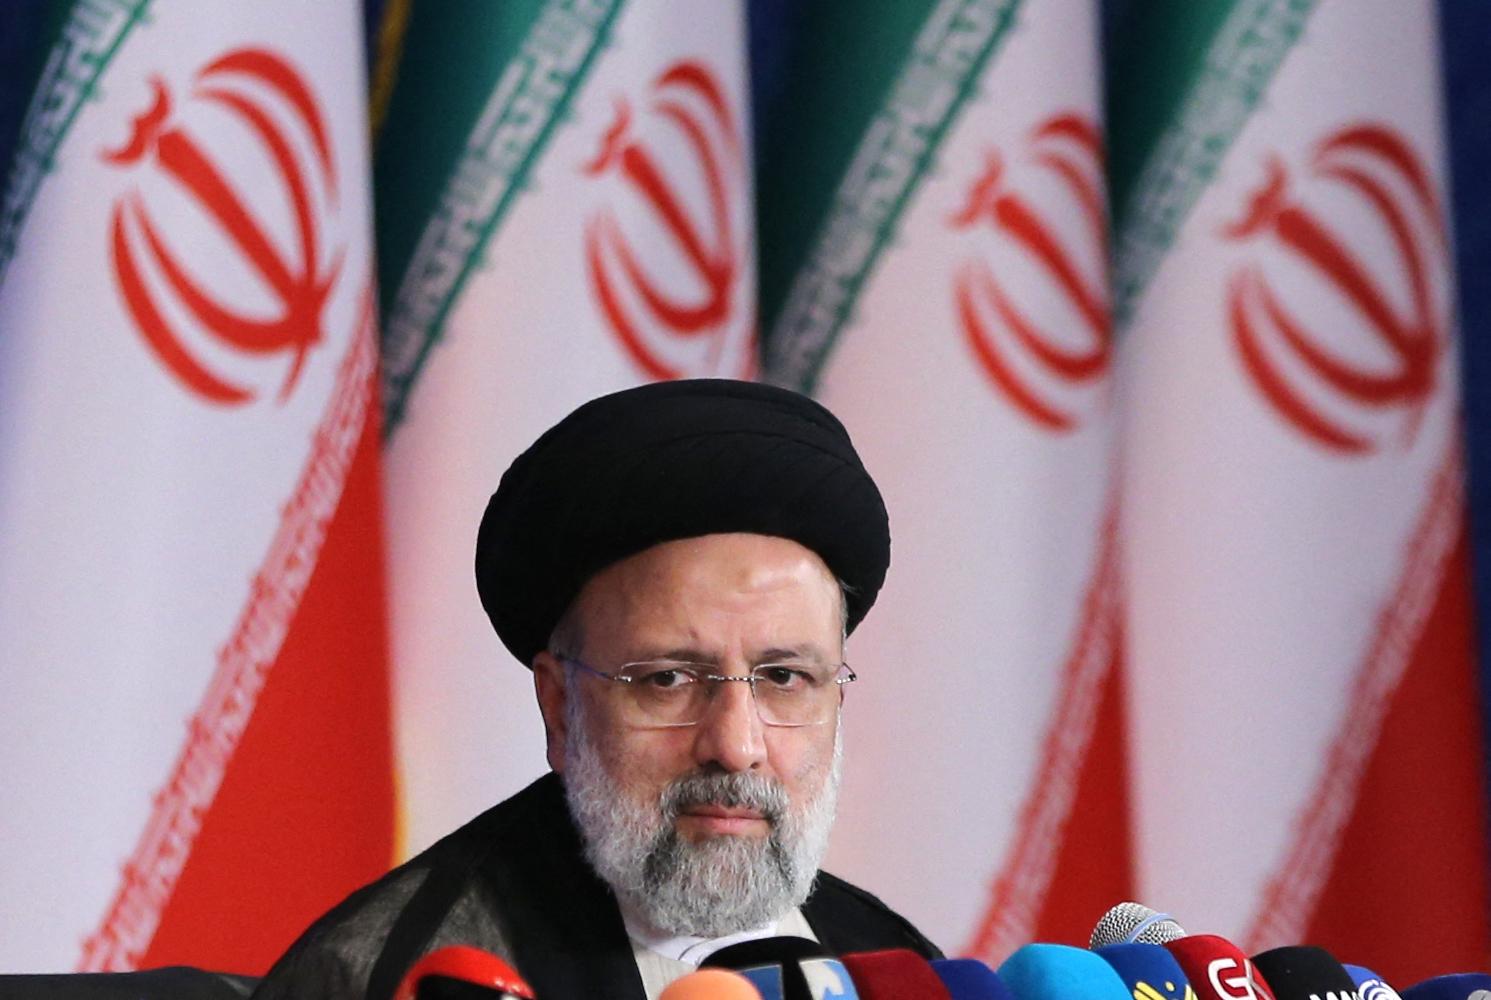 2021年6月21日,伊朗當選總統萊希(Ebrahim Raisi)在當選後首次於德黑蘭的新聞發佈會上發表講話。(ATTA KENARE/AFP via Getty Images)